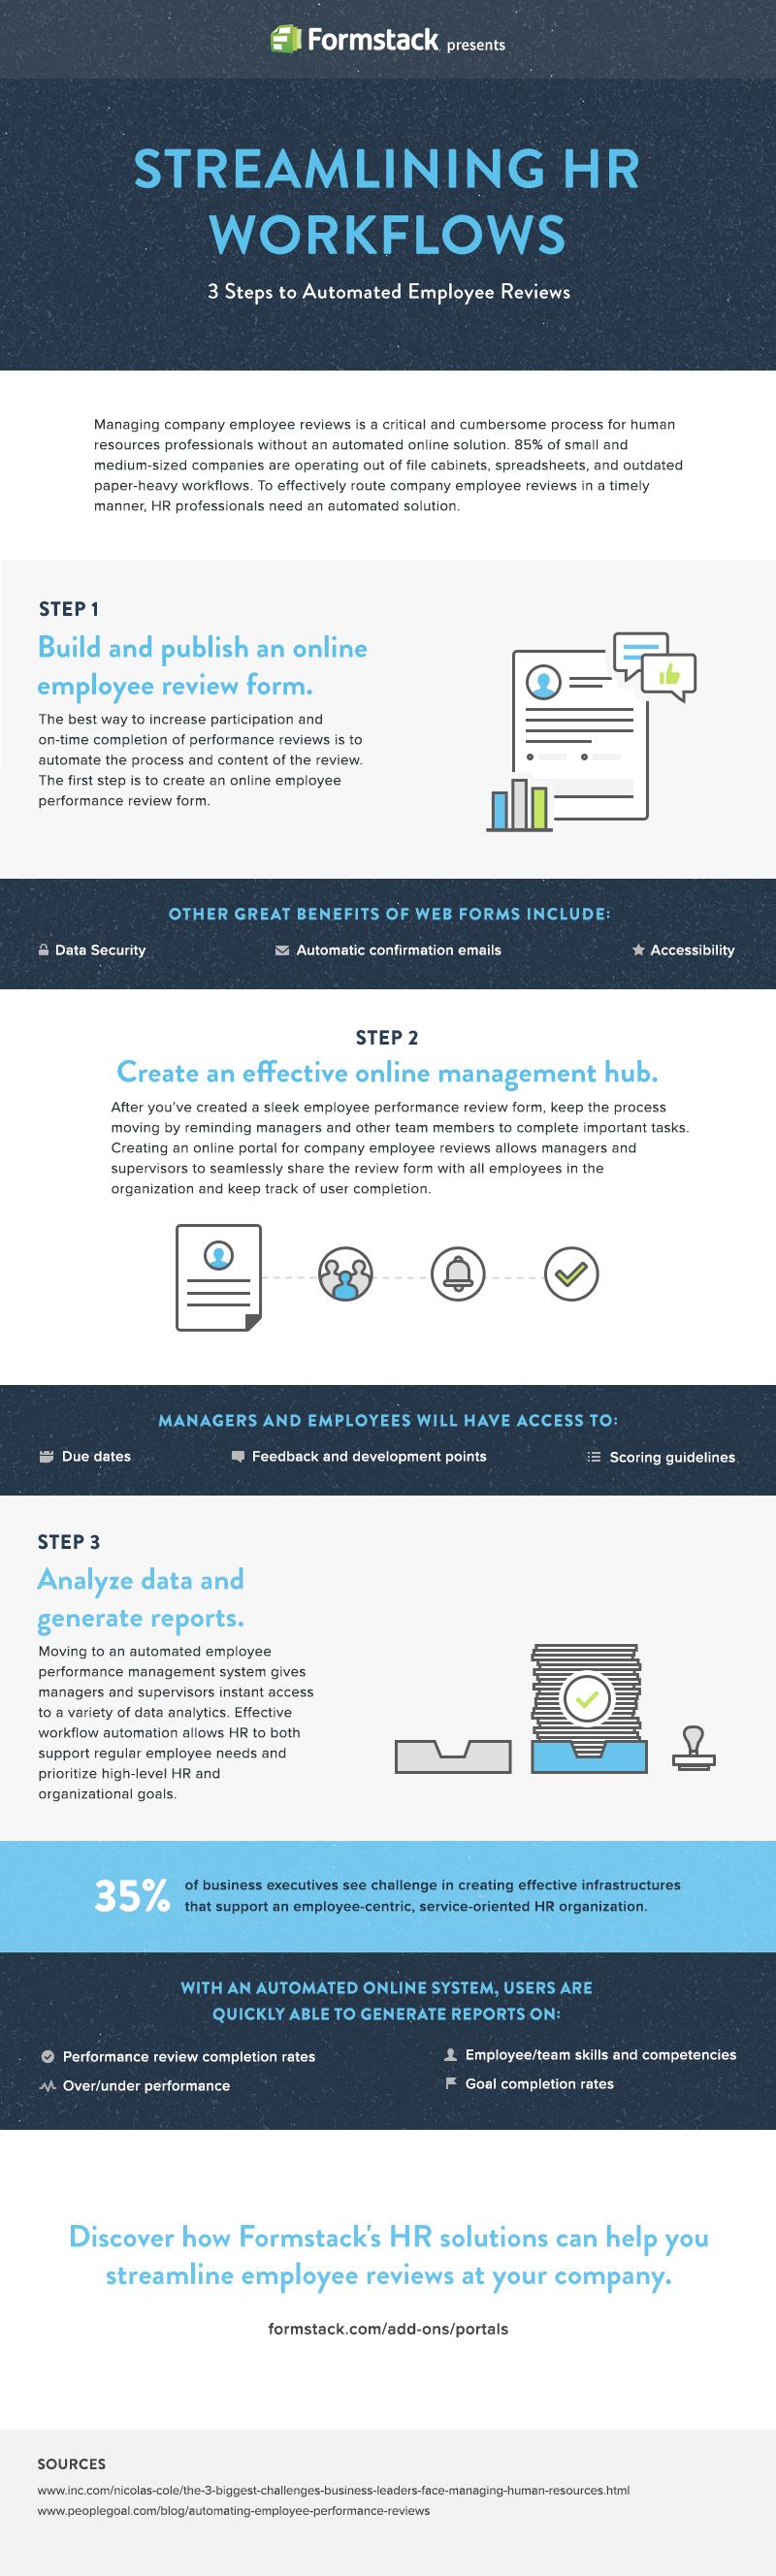 FET_HR_Infographic_v5.jpg